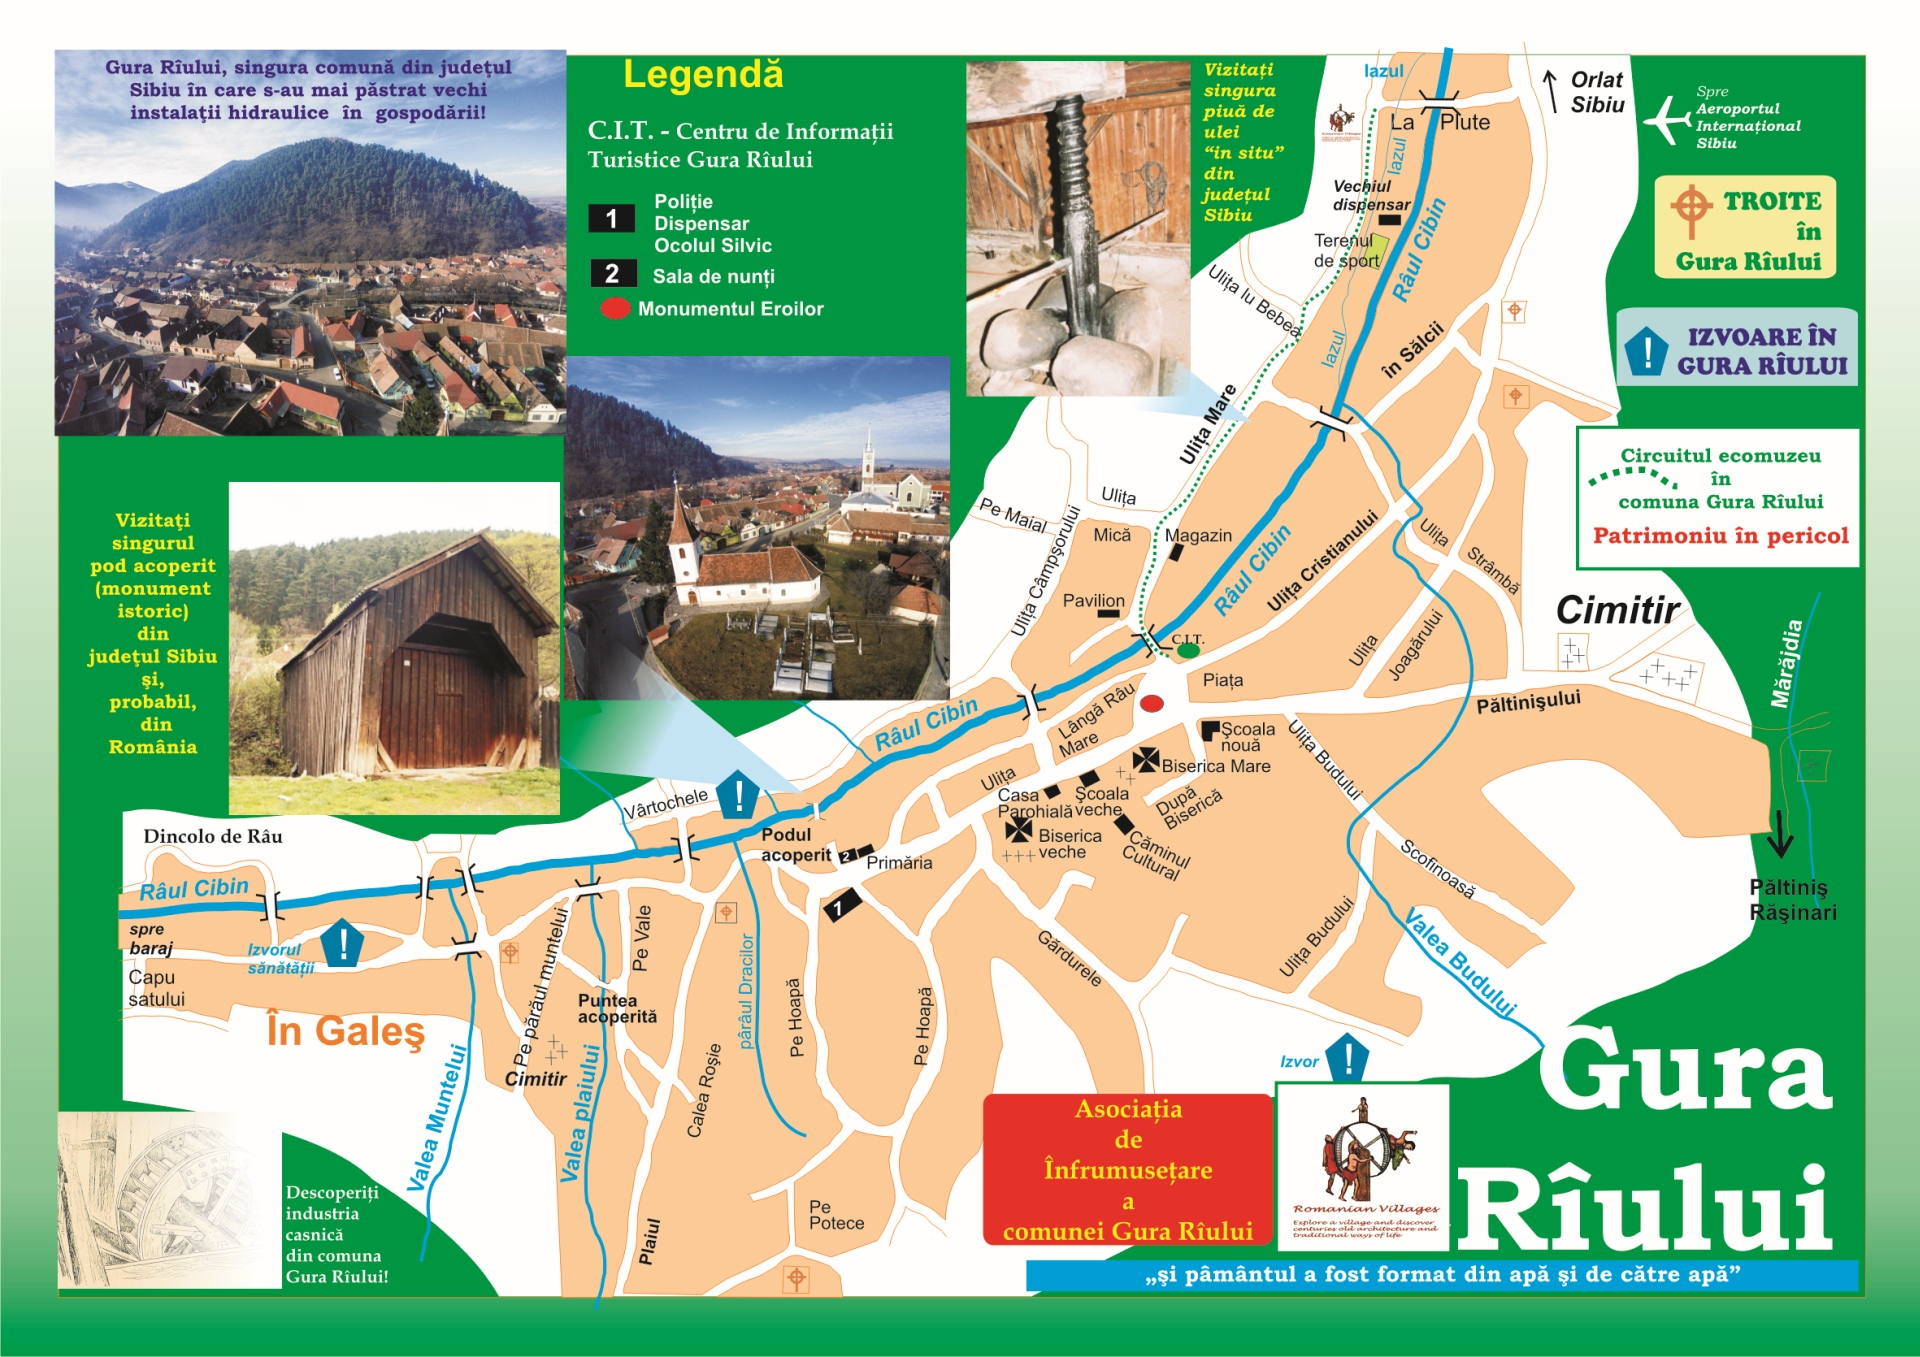 Harta Gura Riu